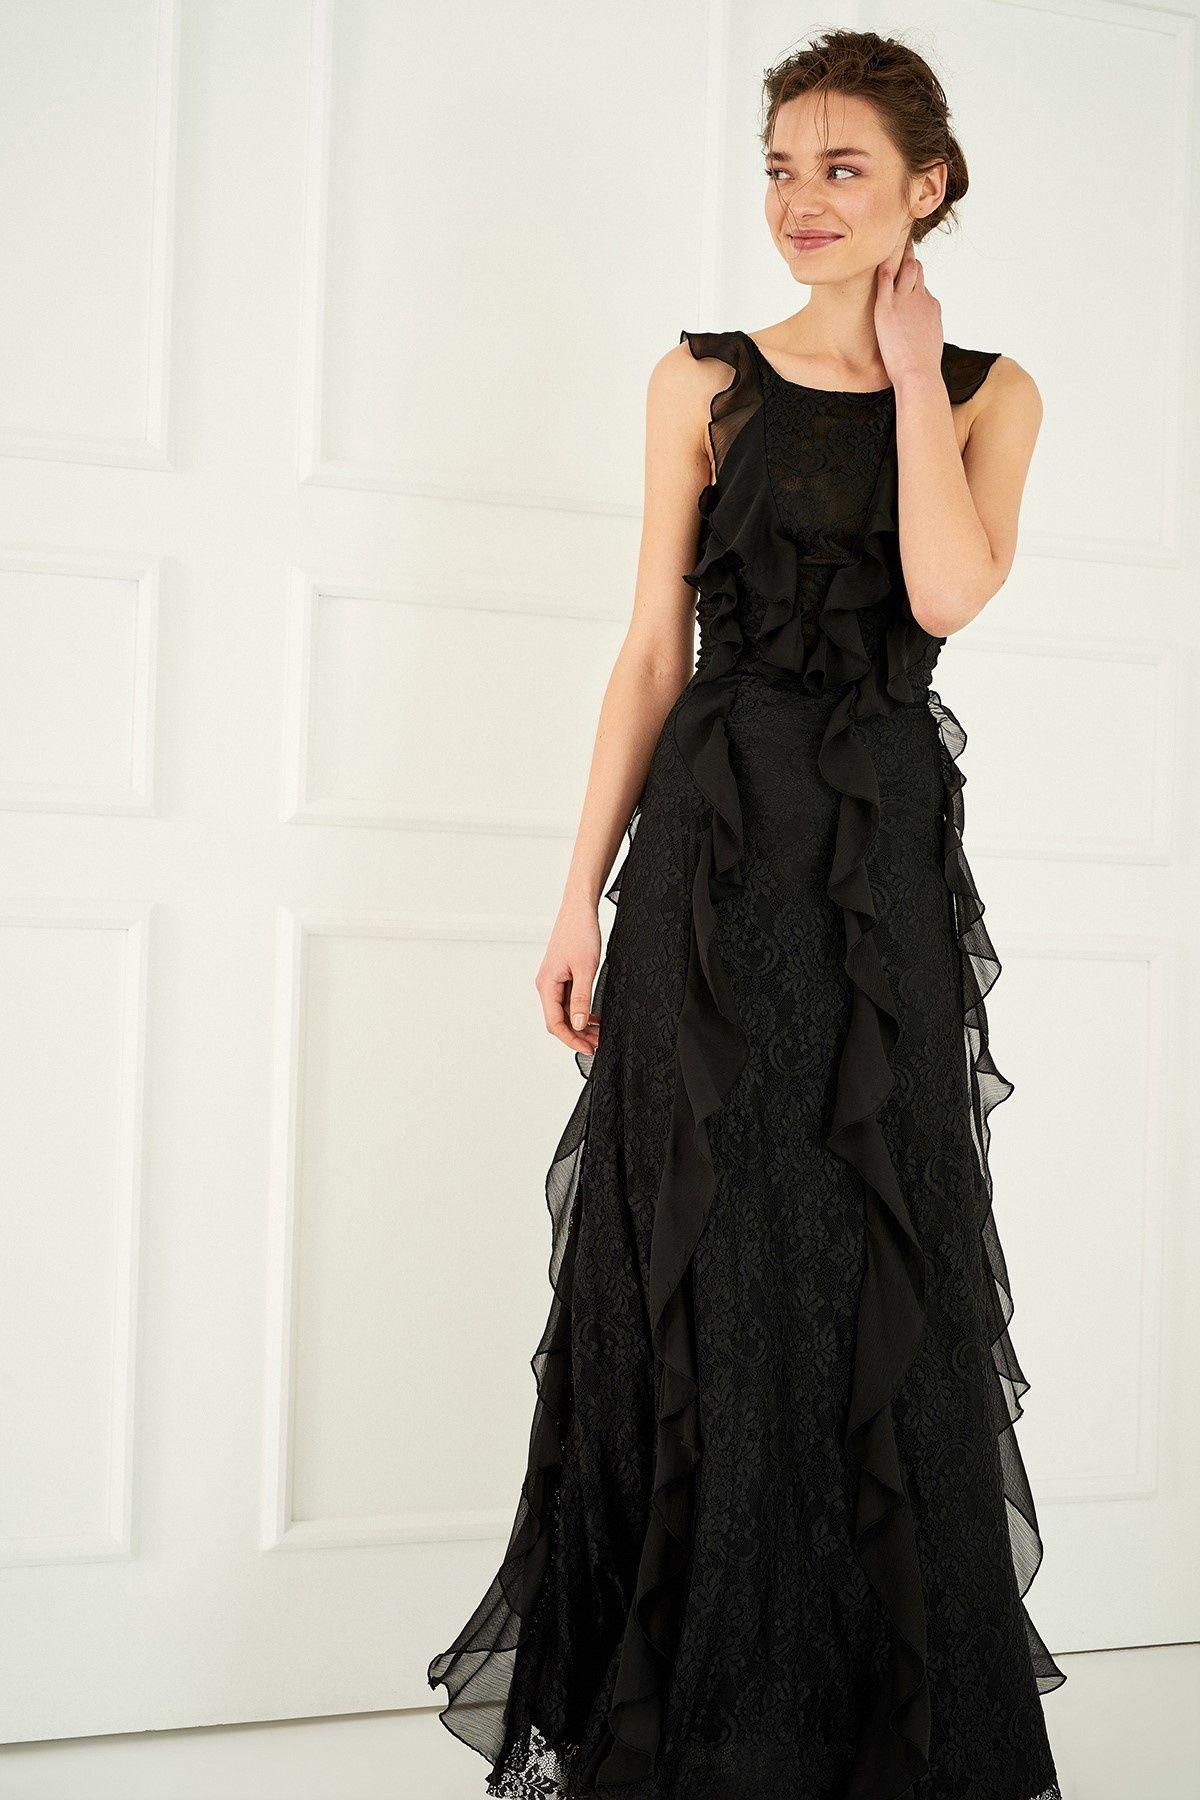 Siyah Elbise Trendyolmilla Trendyol Siyah Elbise Resmi Elbise Elbiseler